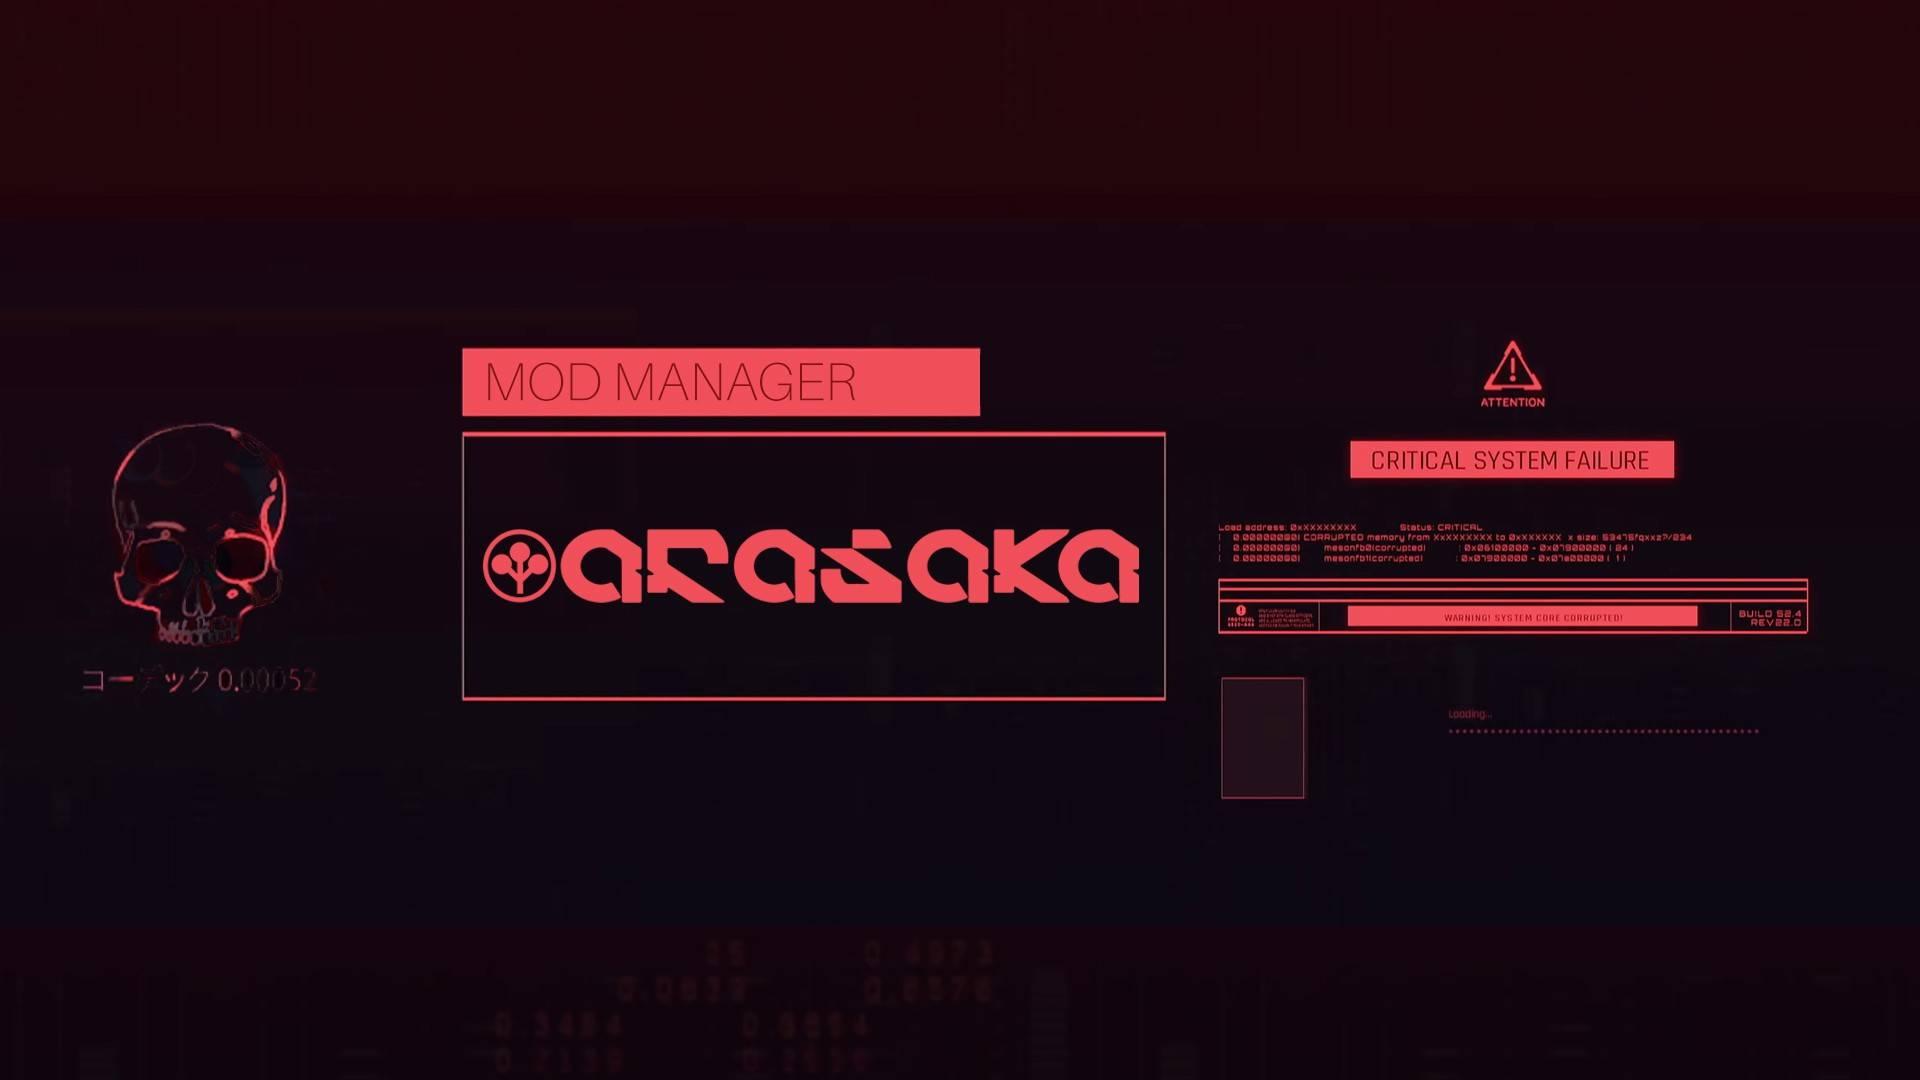 Mod Manager [Cyberpunk 2077]